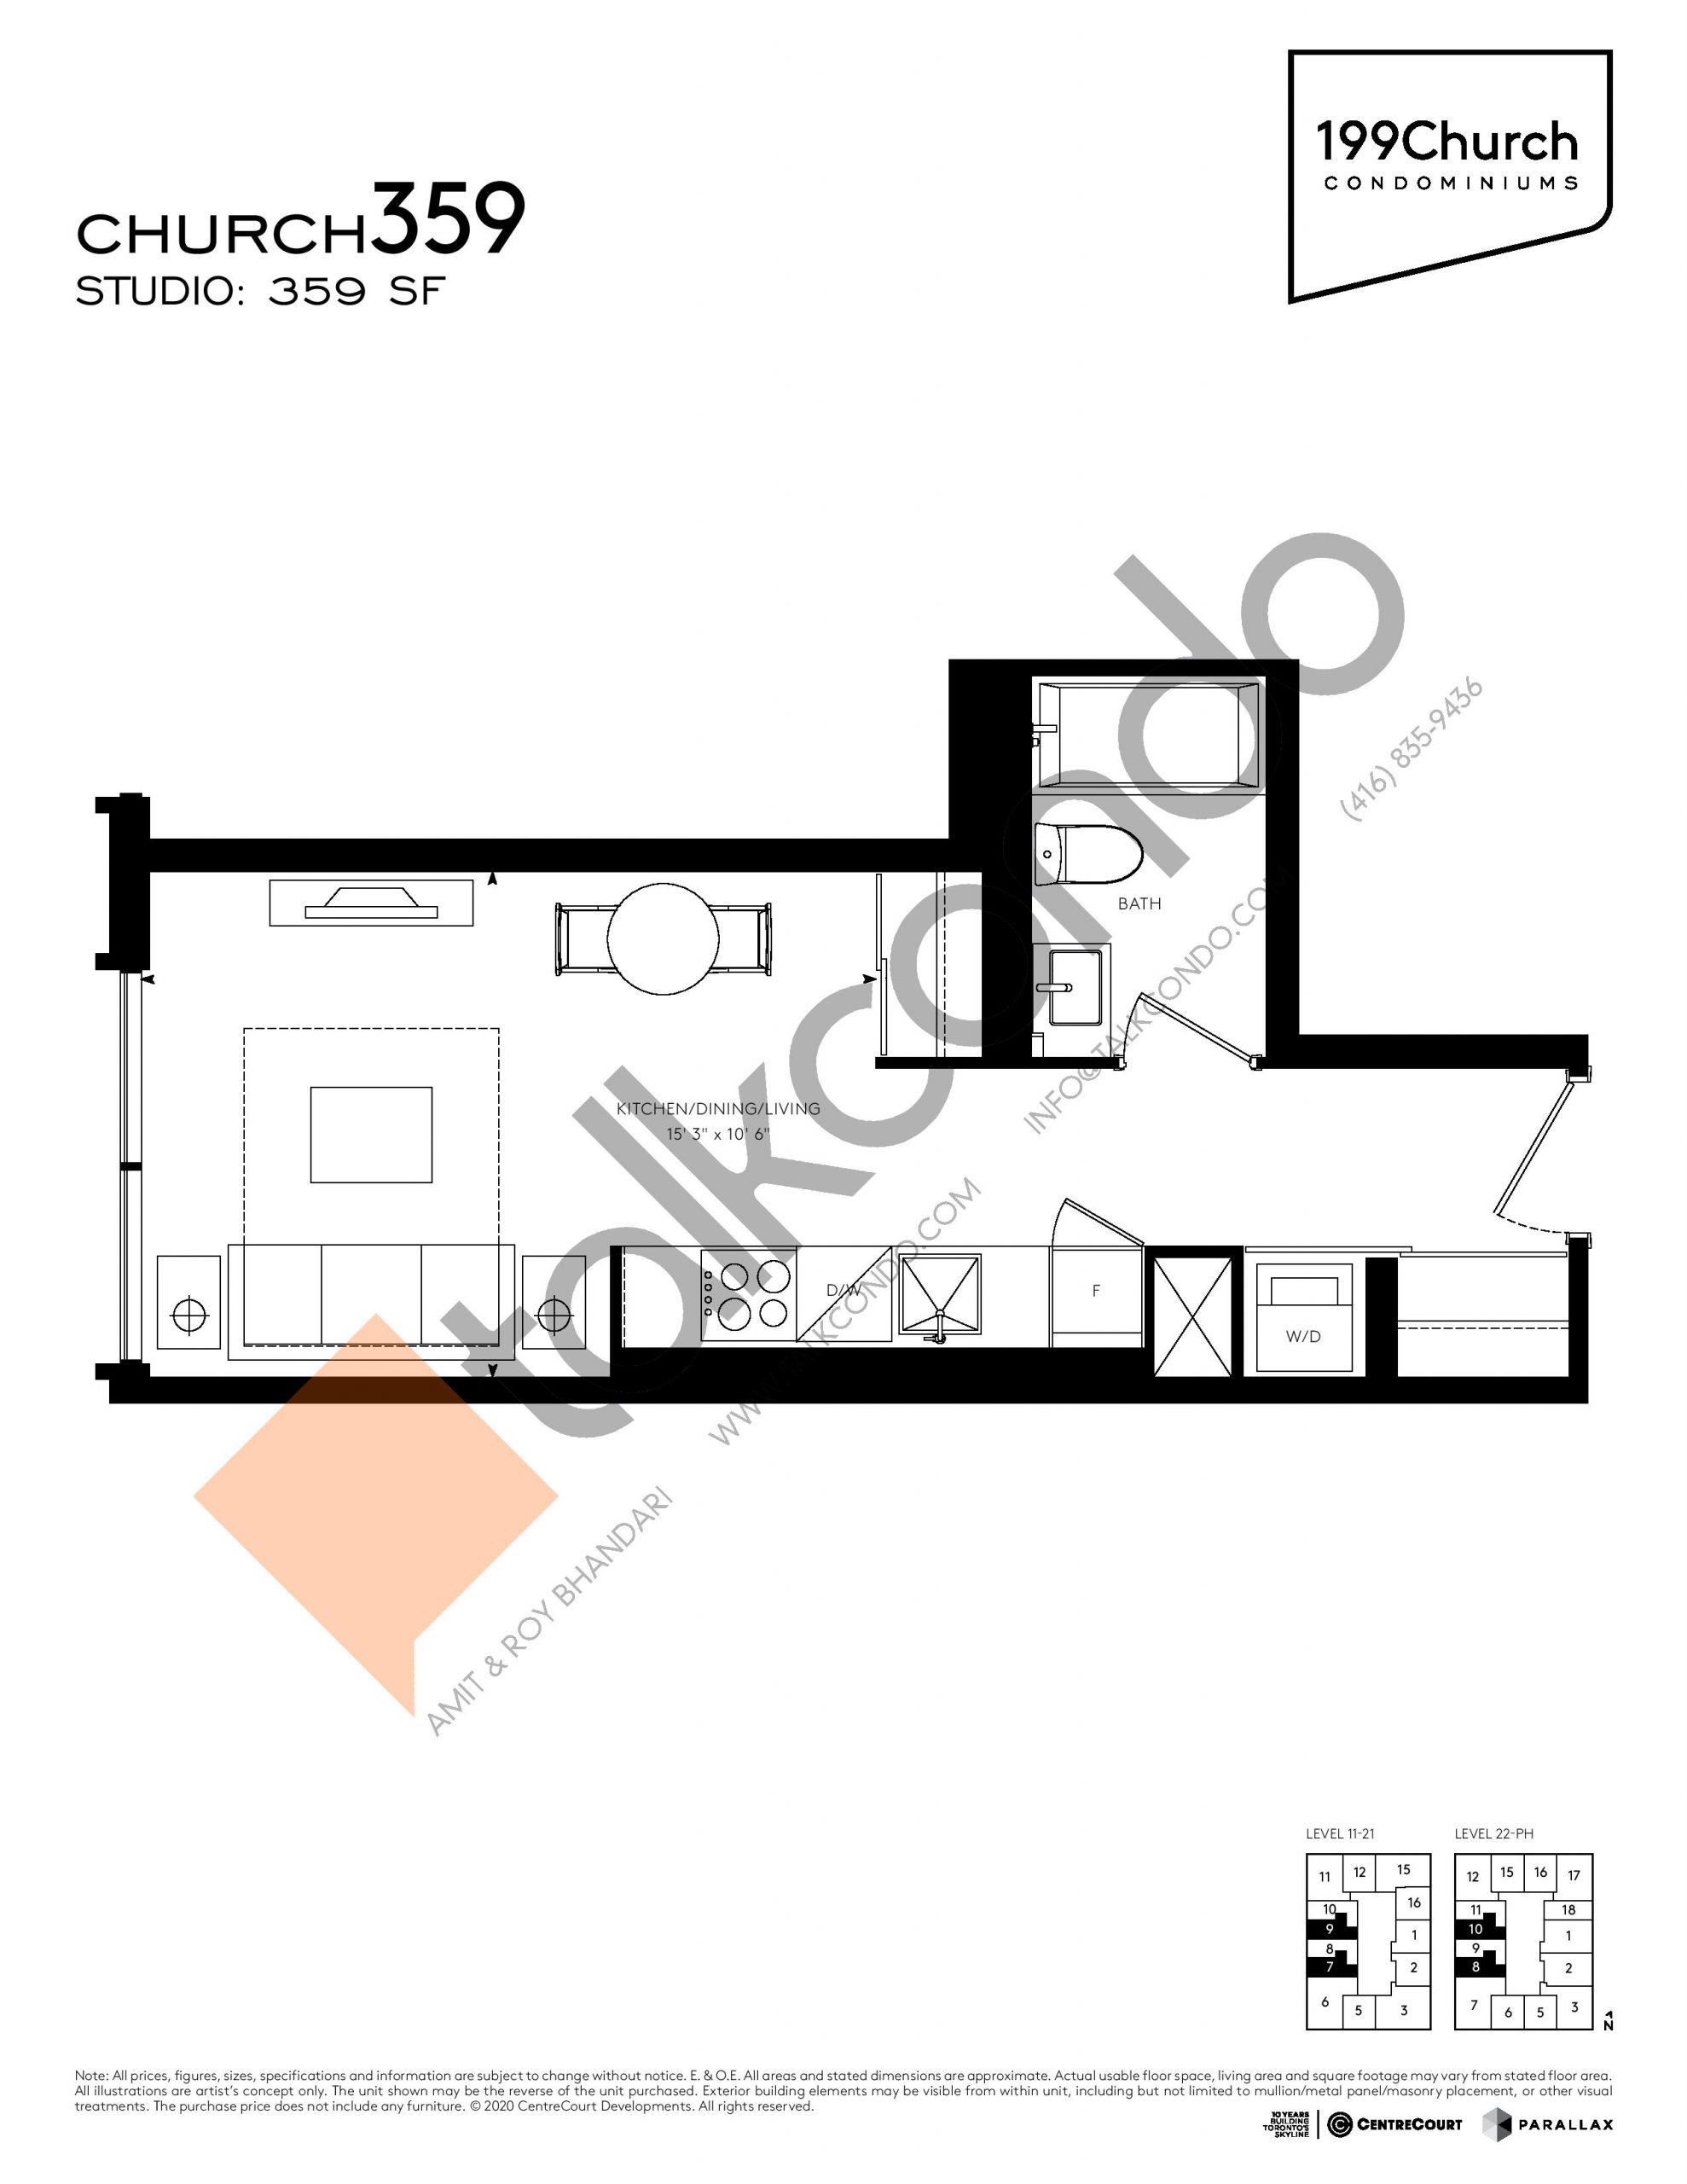 Church 359 Floor Plan at 199 Church Condos - 359 sq.ft